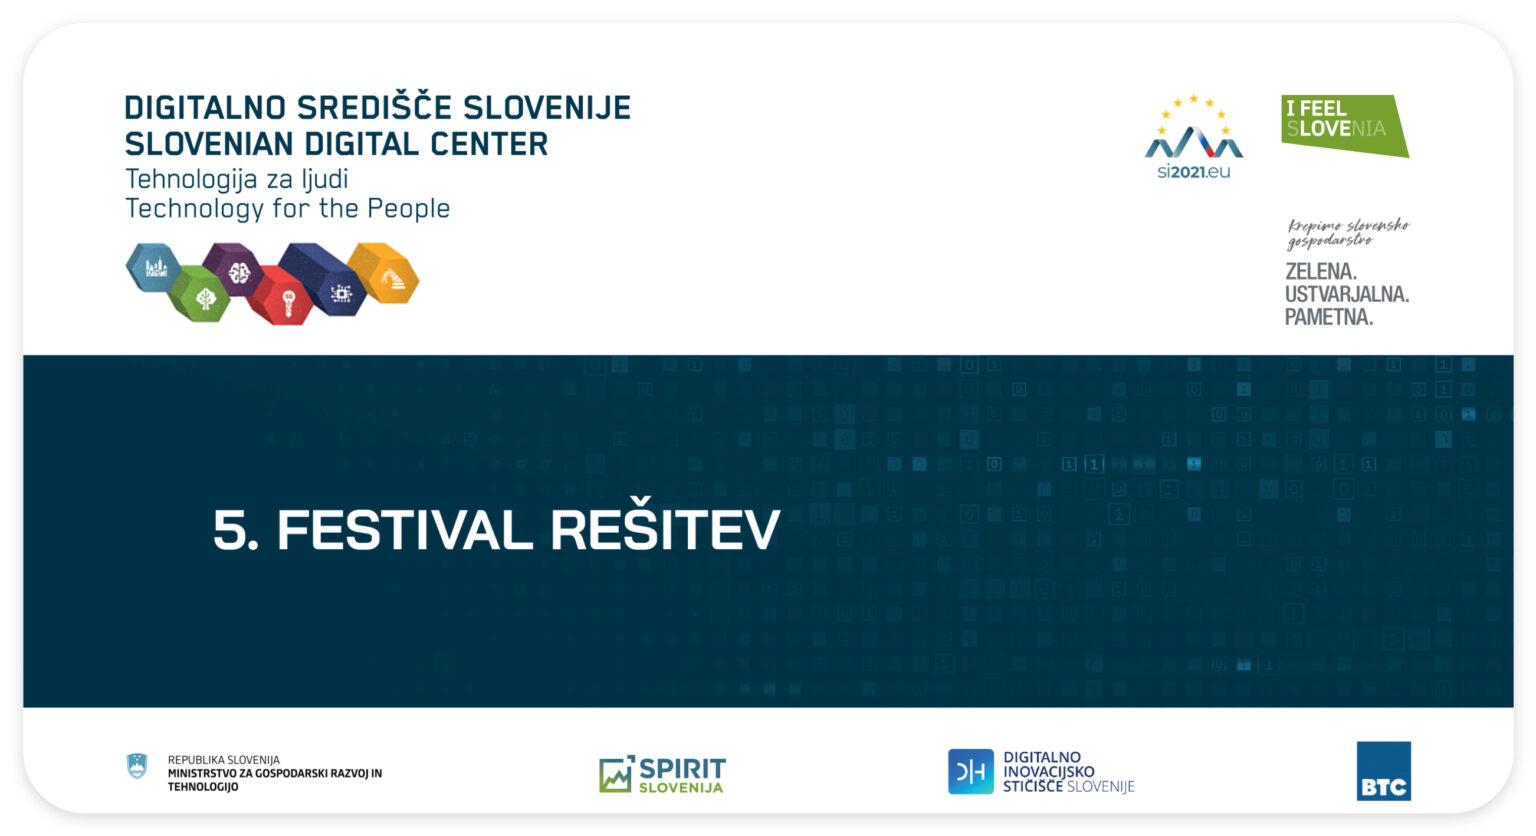 33 Spletna Stran Peti Festival Resitev b 1536x836